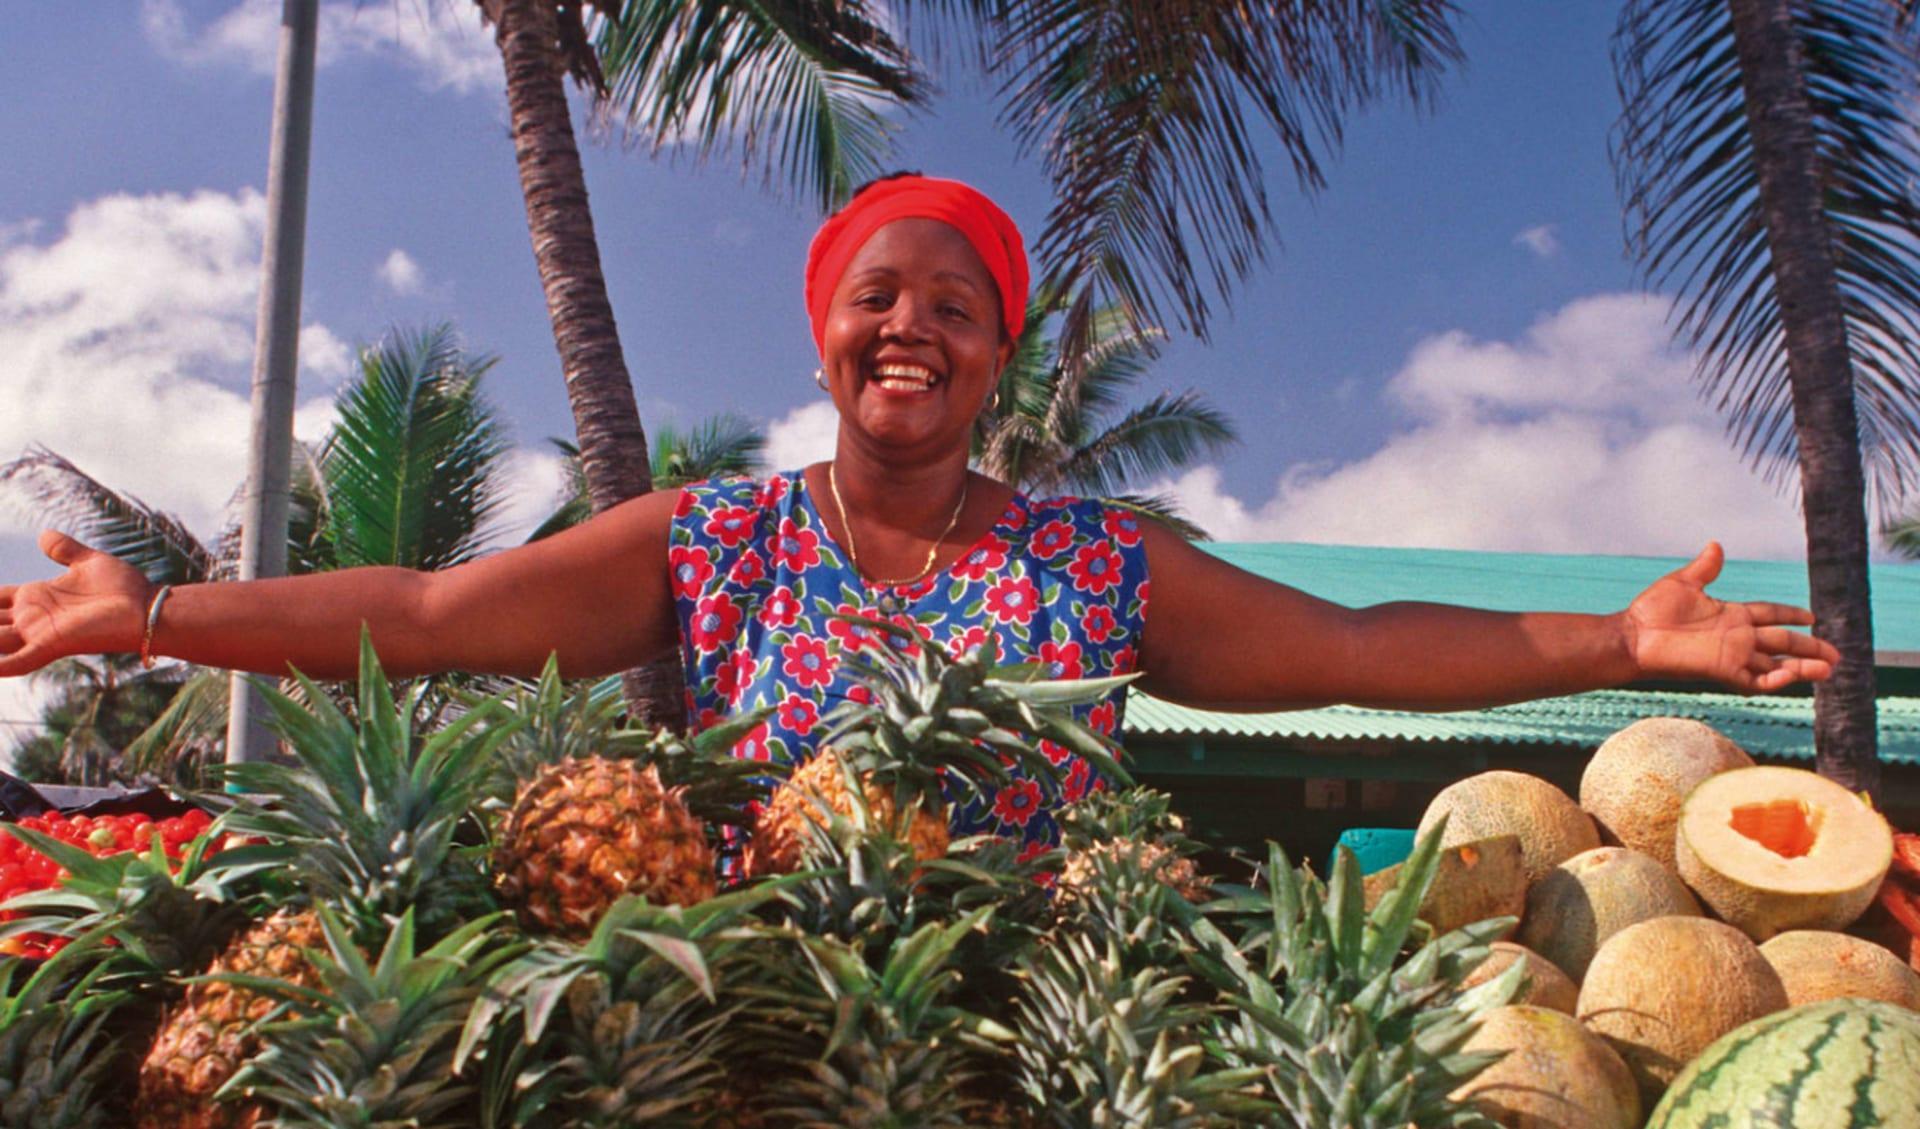 Höhepunkte Dominikanische Republik ab Santo Domingo: Dominikanische Republik - Frau am Marktstand